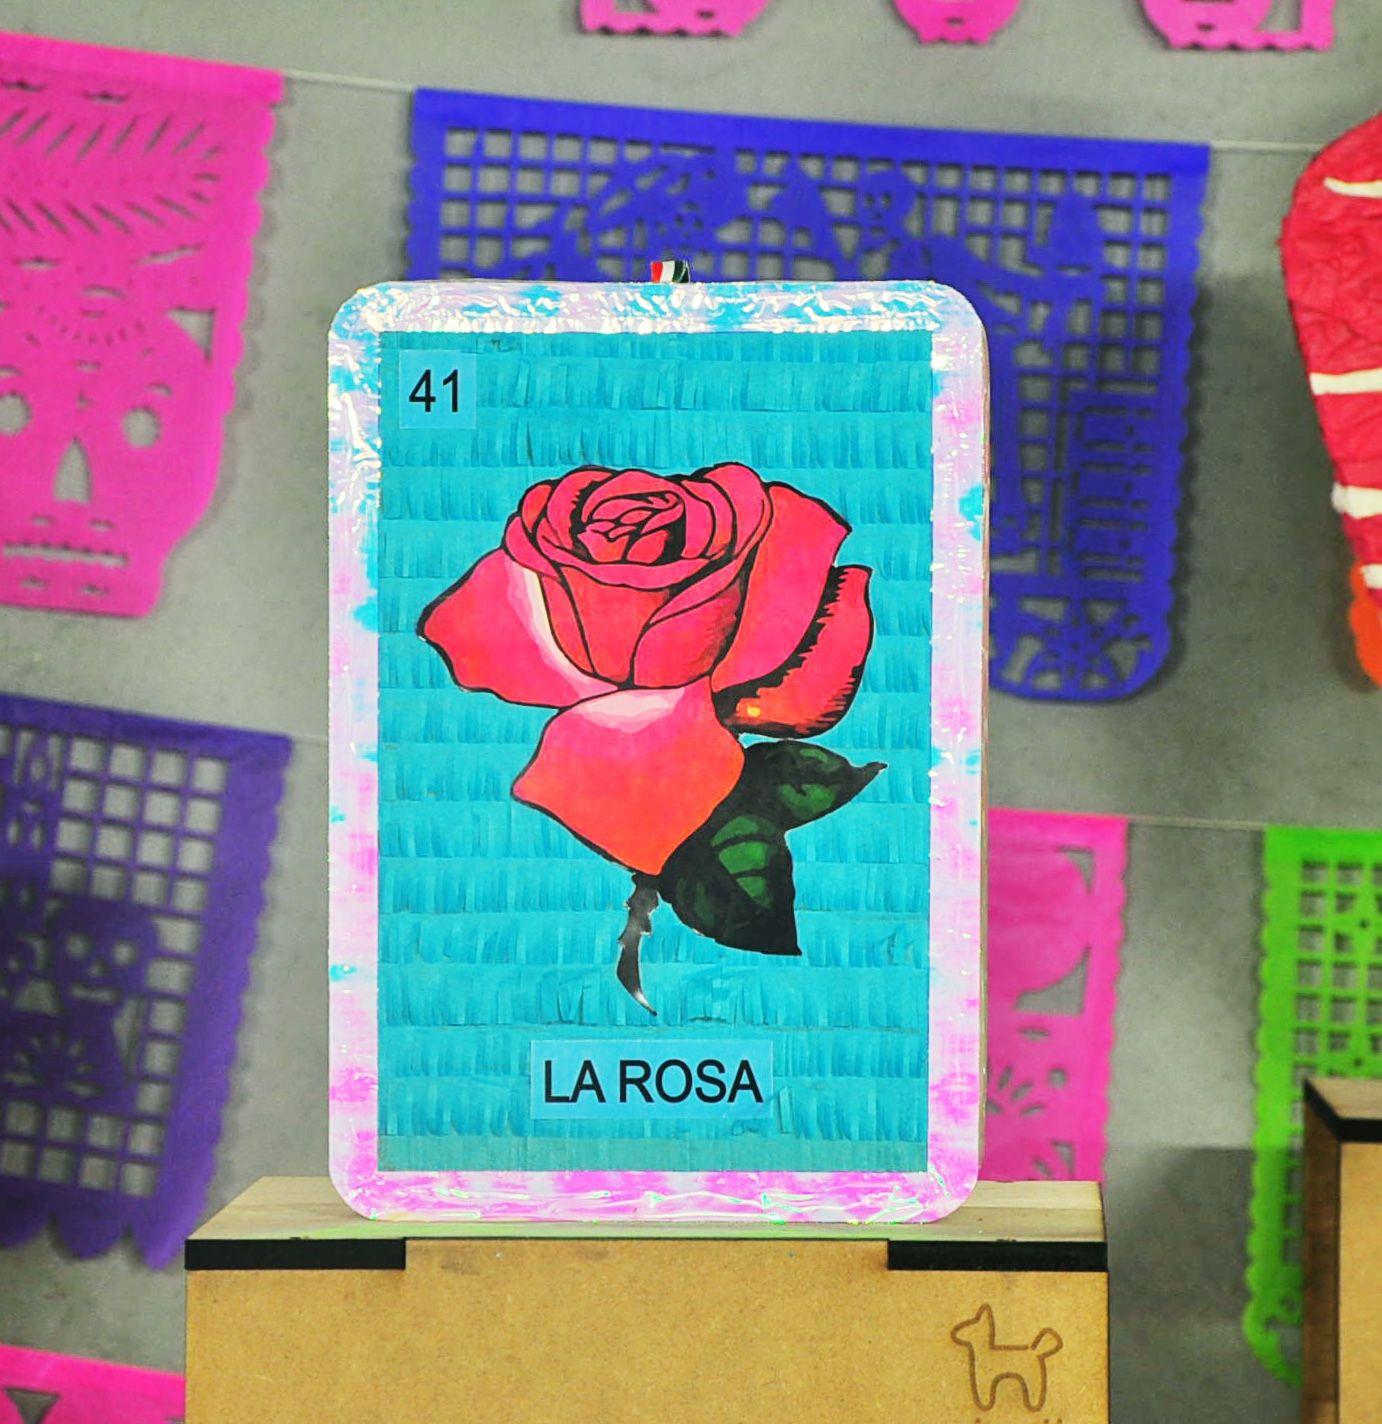 Piñata lotería mexicana #rosa #piñata #loteria #mexicana ...